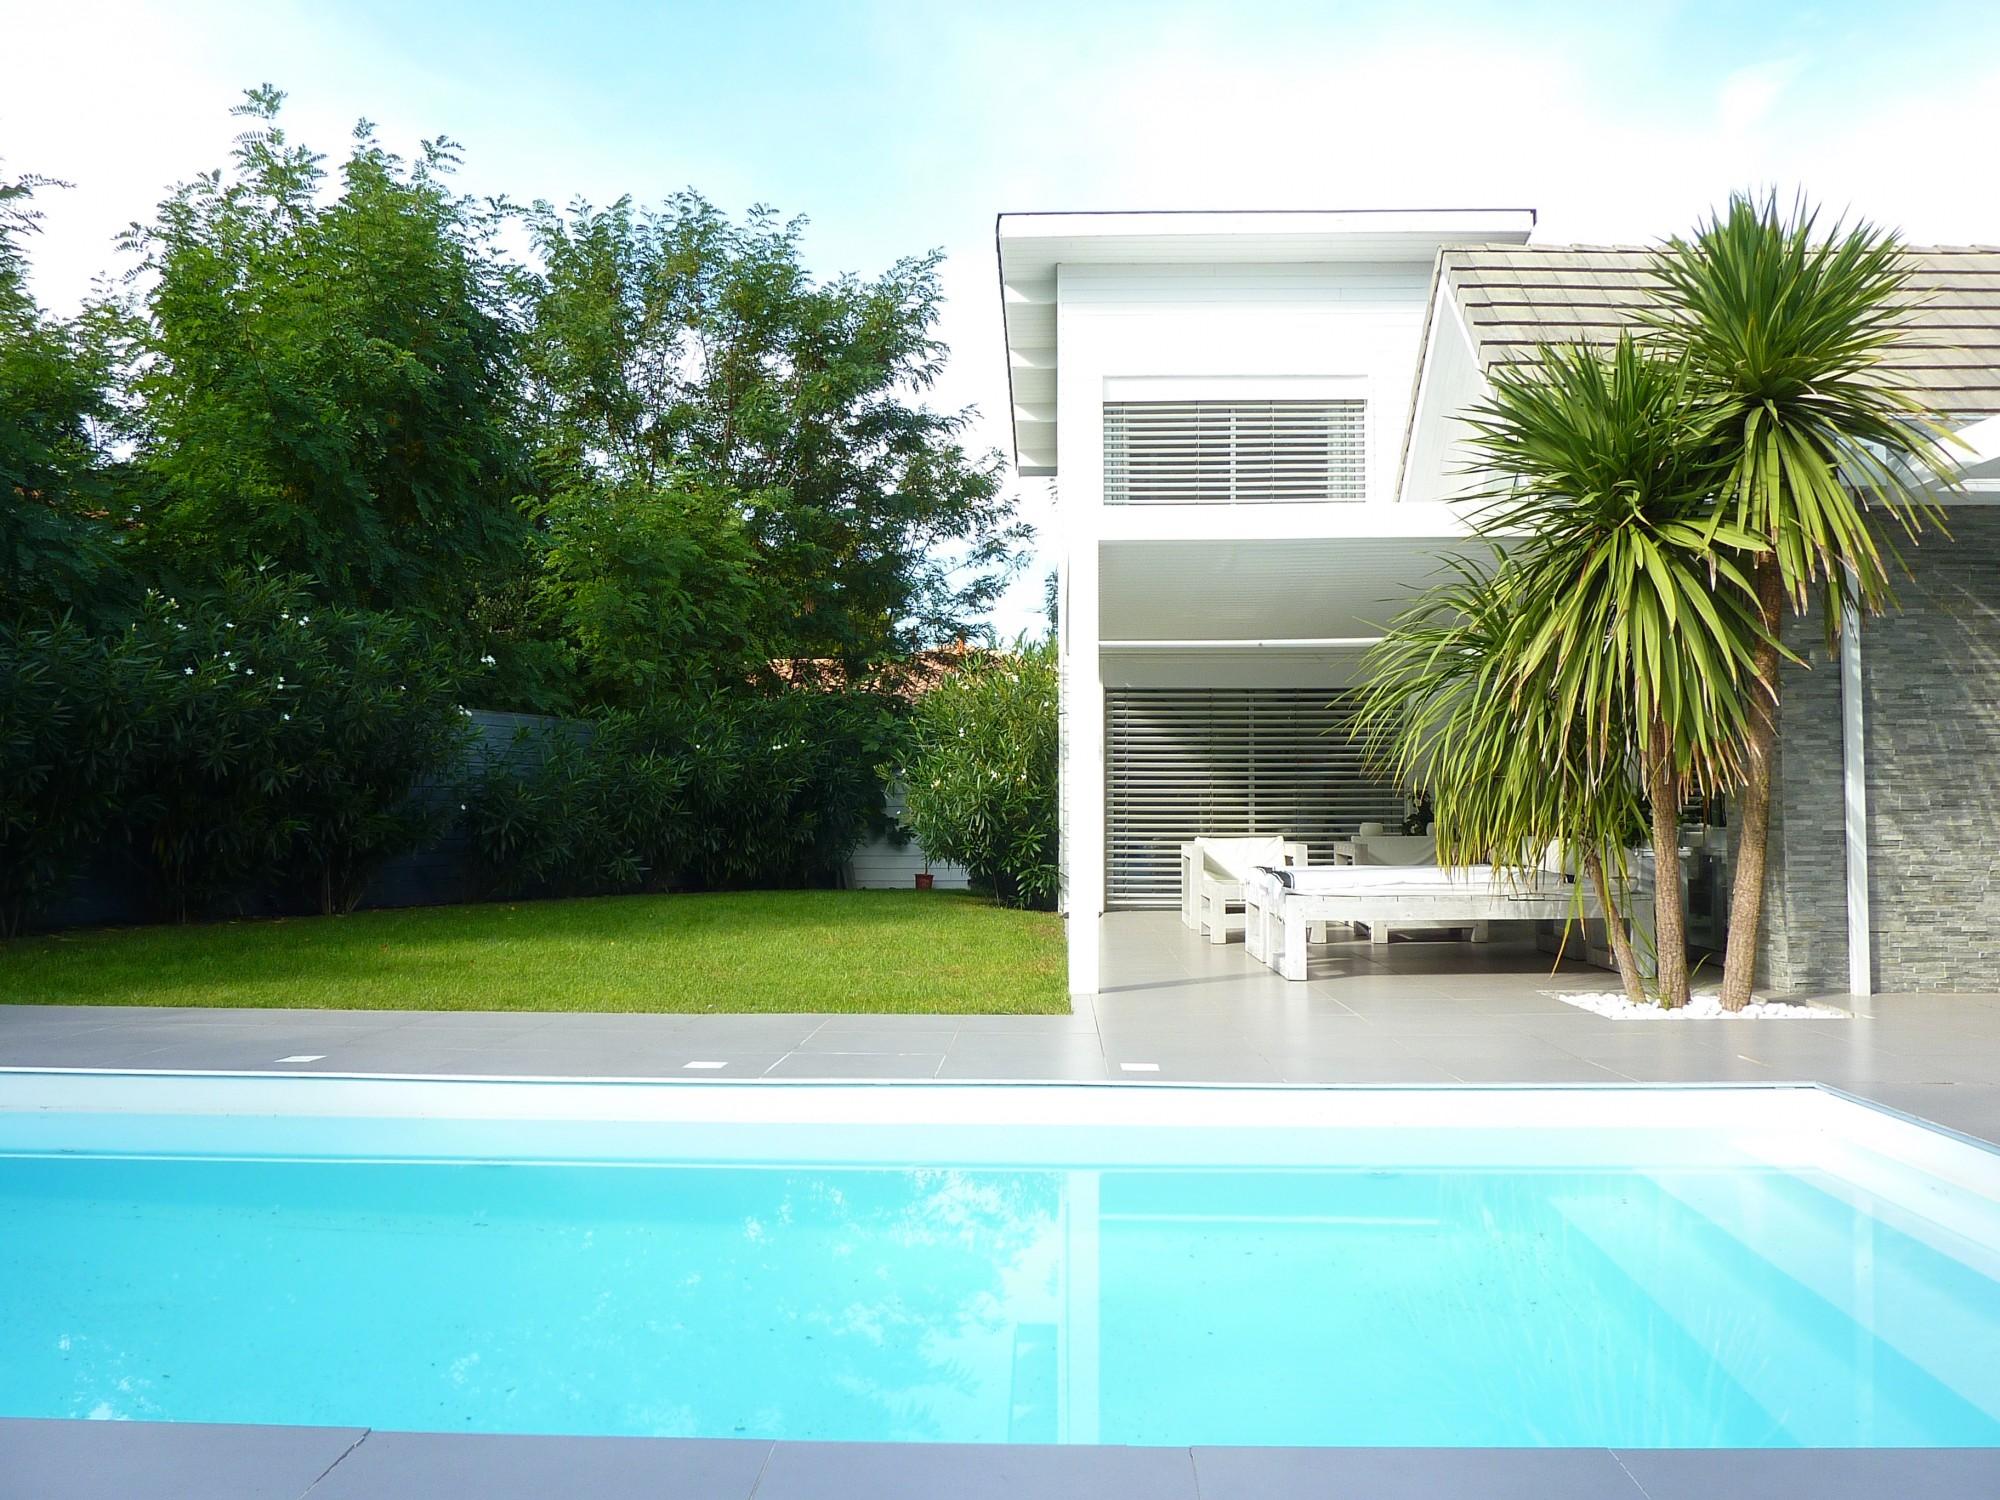 Vendu arcachon moulleau abatilles villa d 39 architecte - Chambre d hote bassin d arcachon avec piscine ...